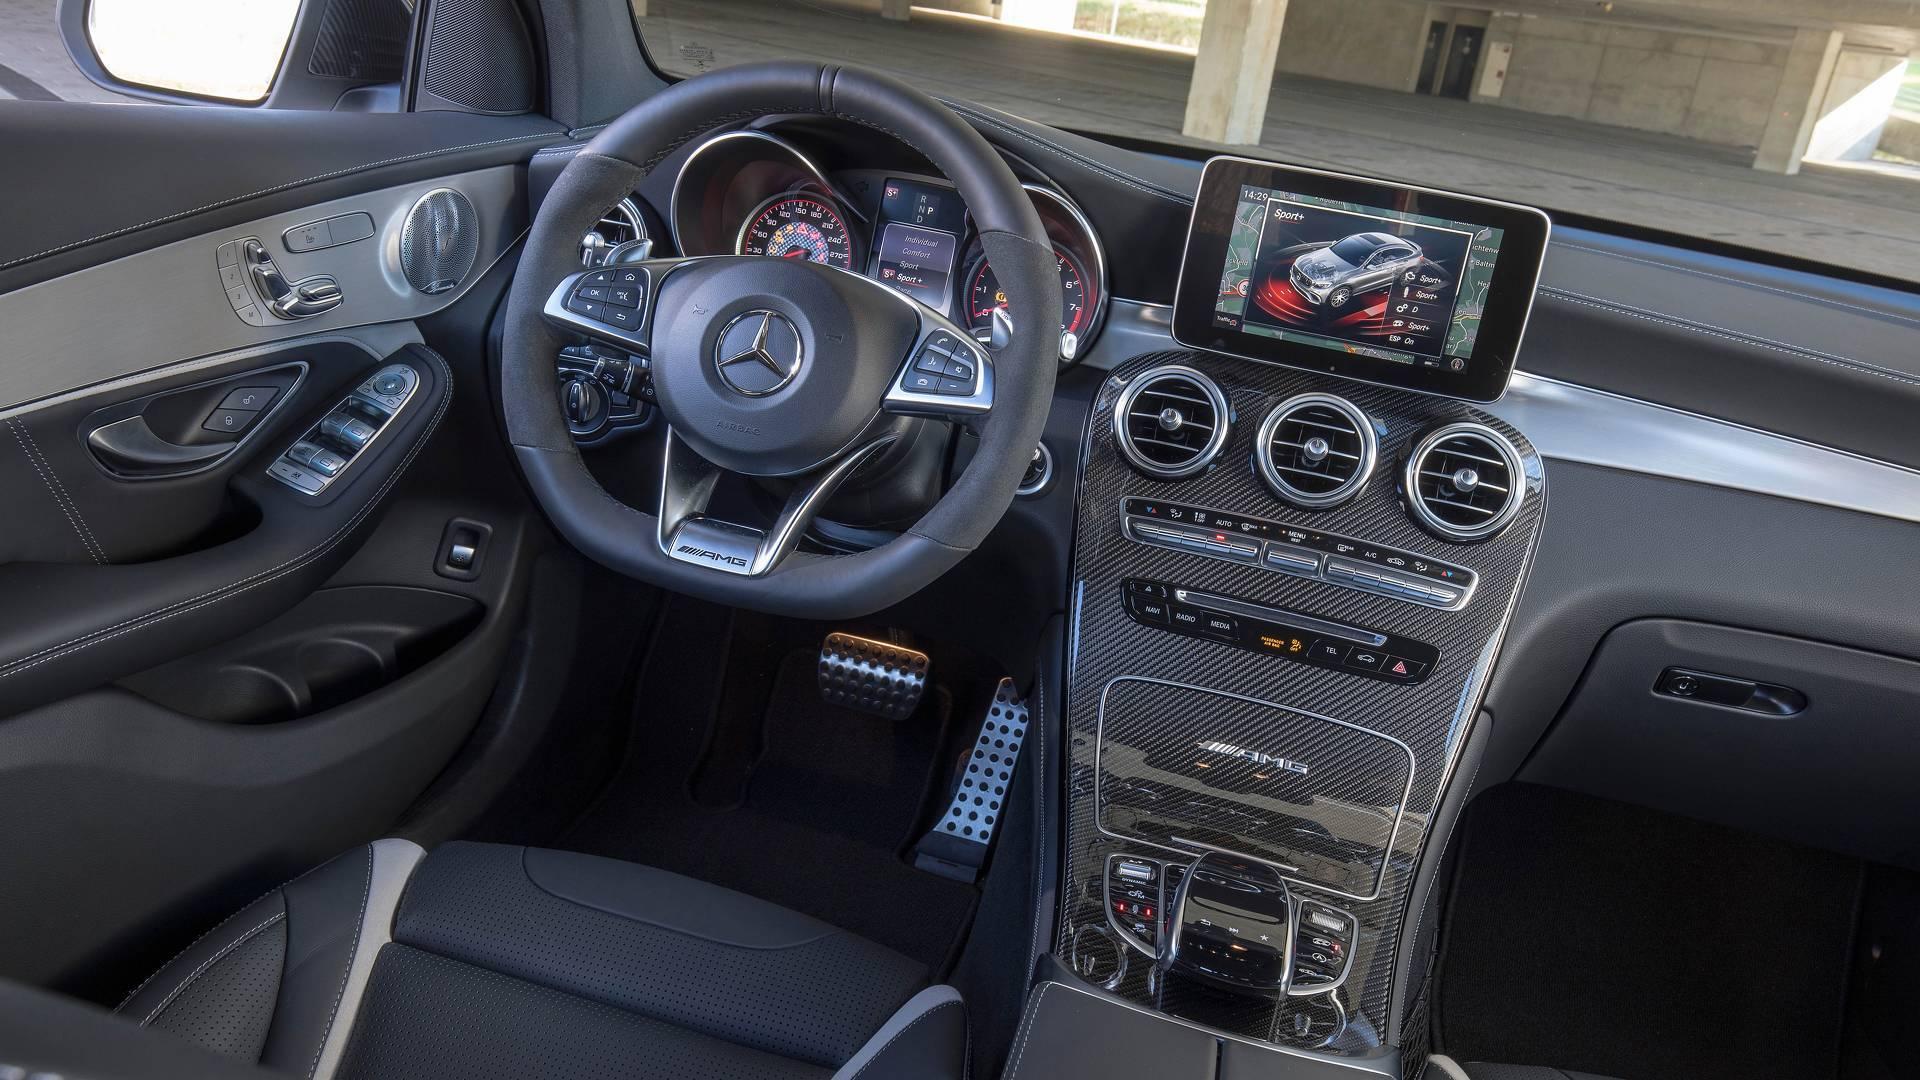 Mercedes GLC 63 AMG. Foto: Divulgação